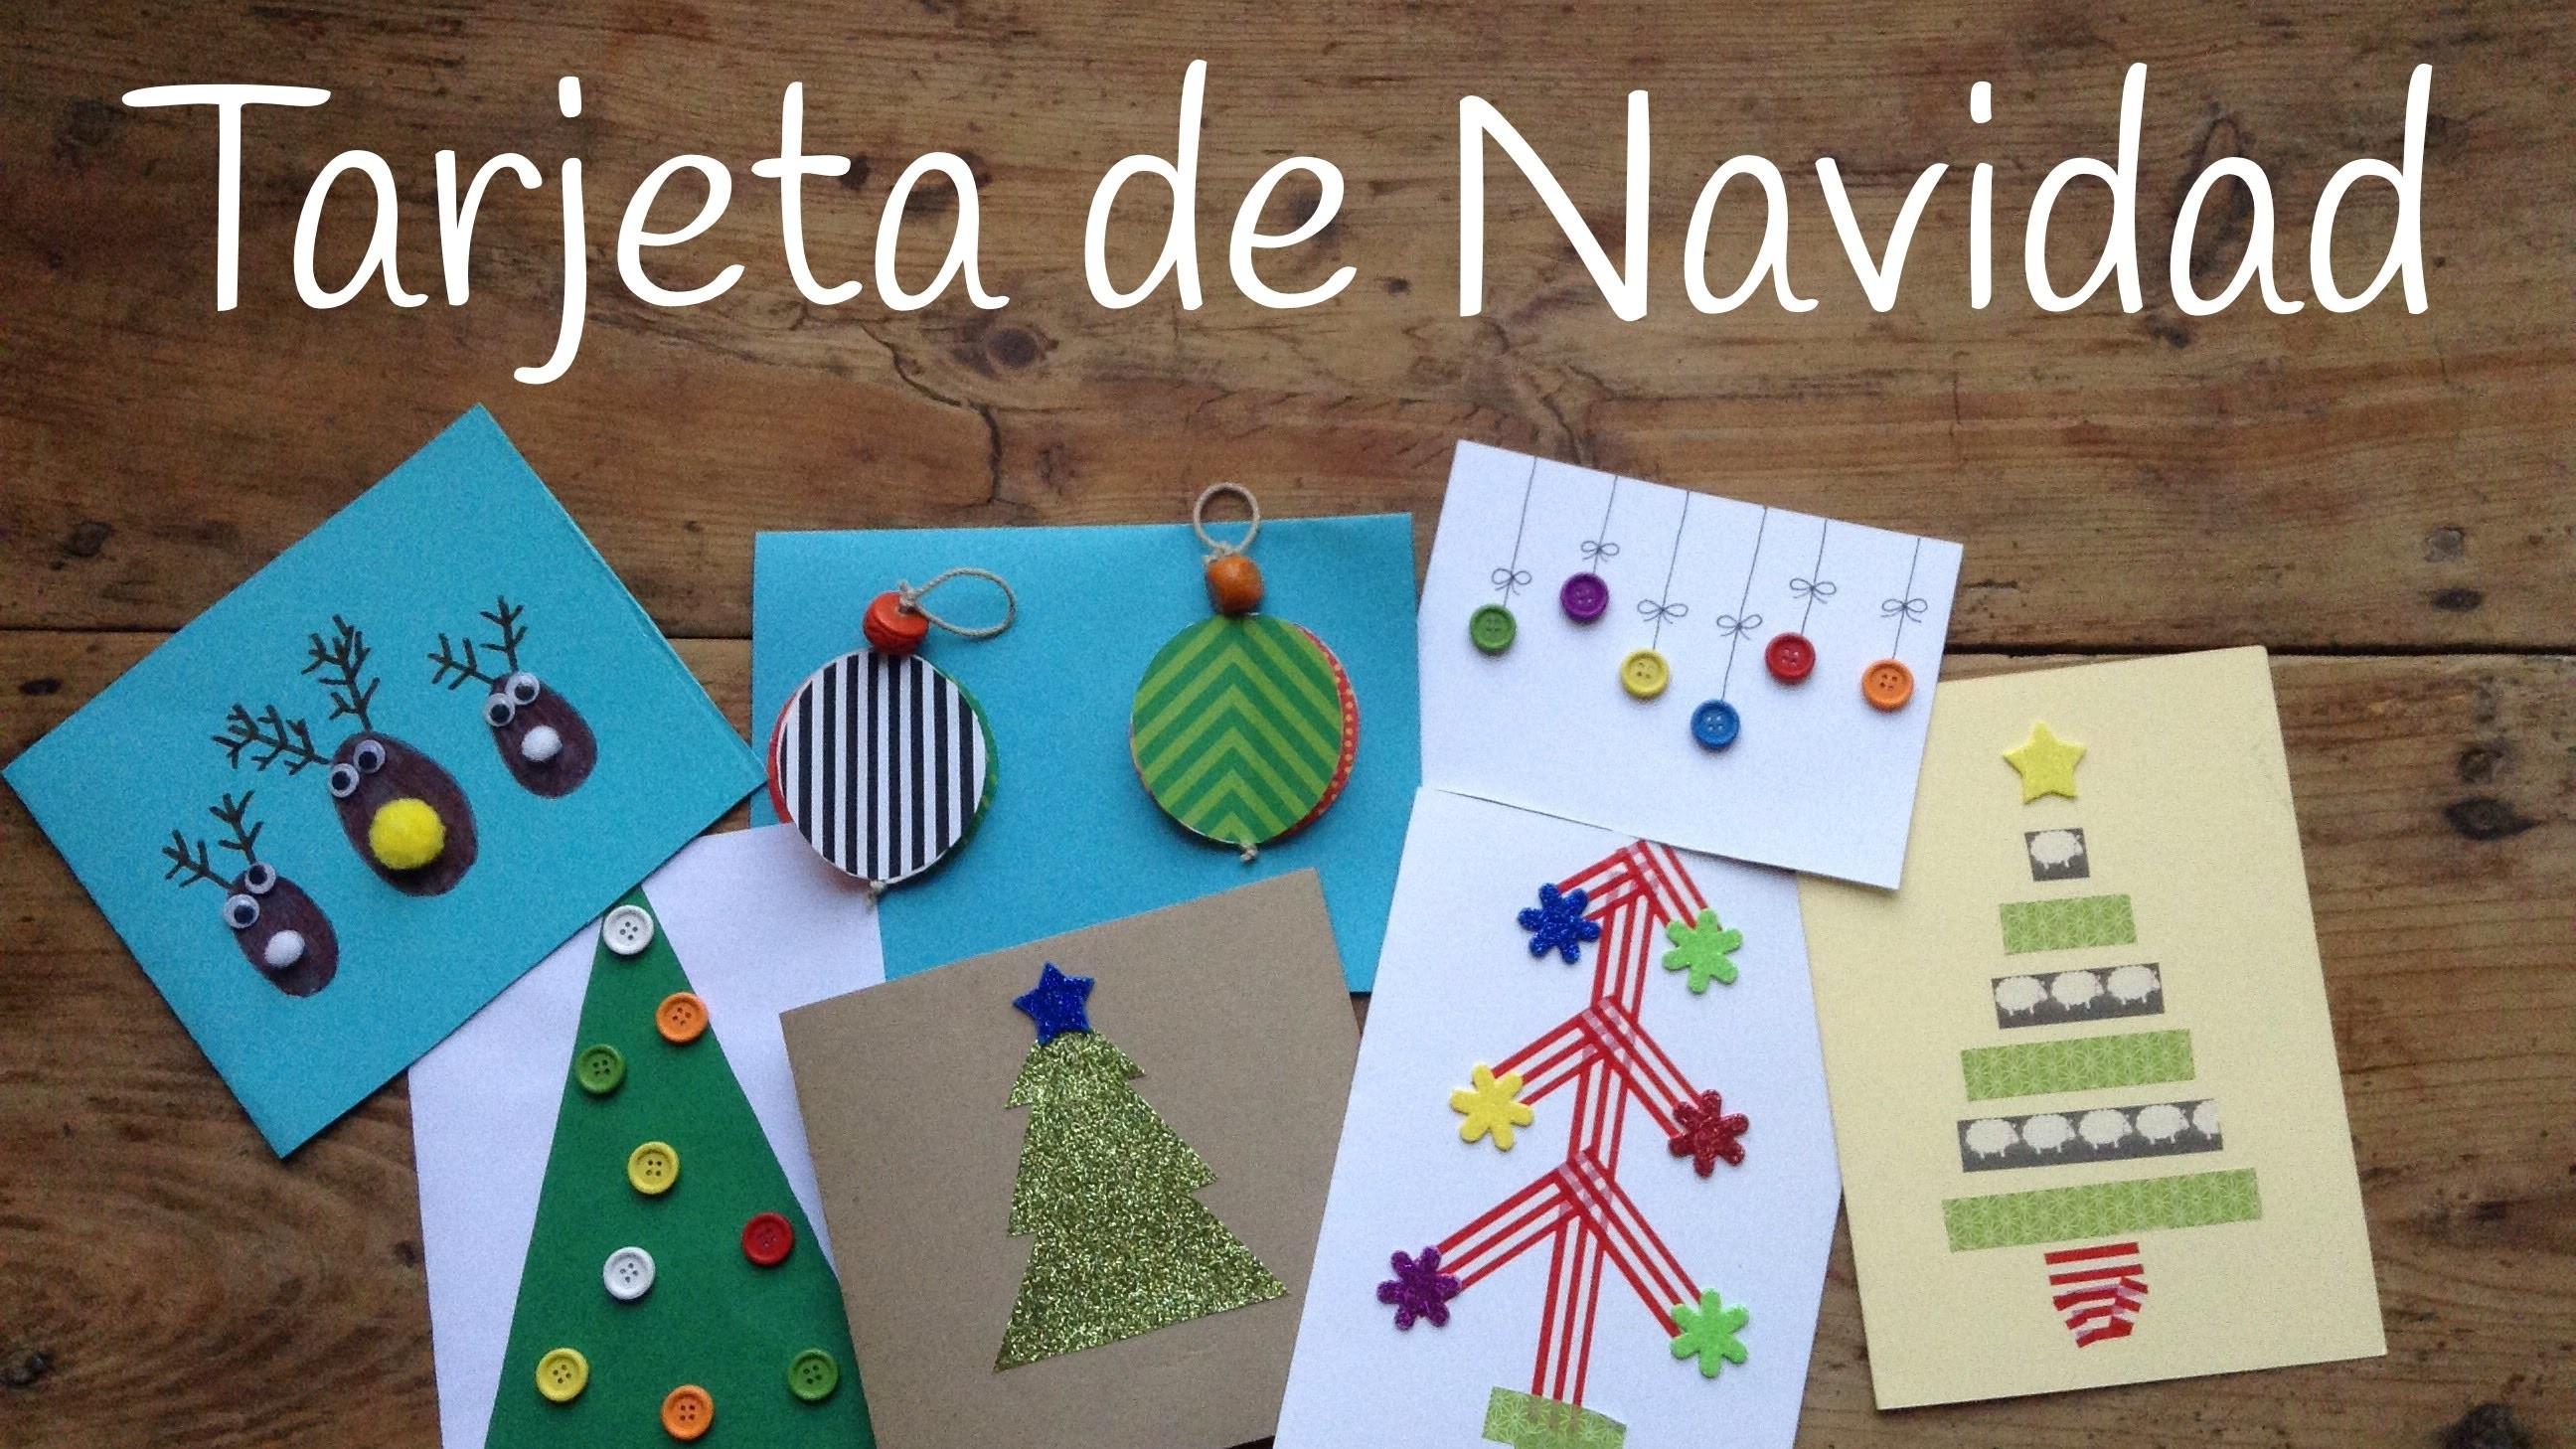 10 tarjetas de navidad originales para ni os for Manualidades navidenas para ninos